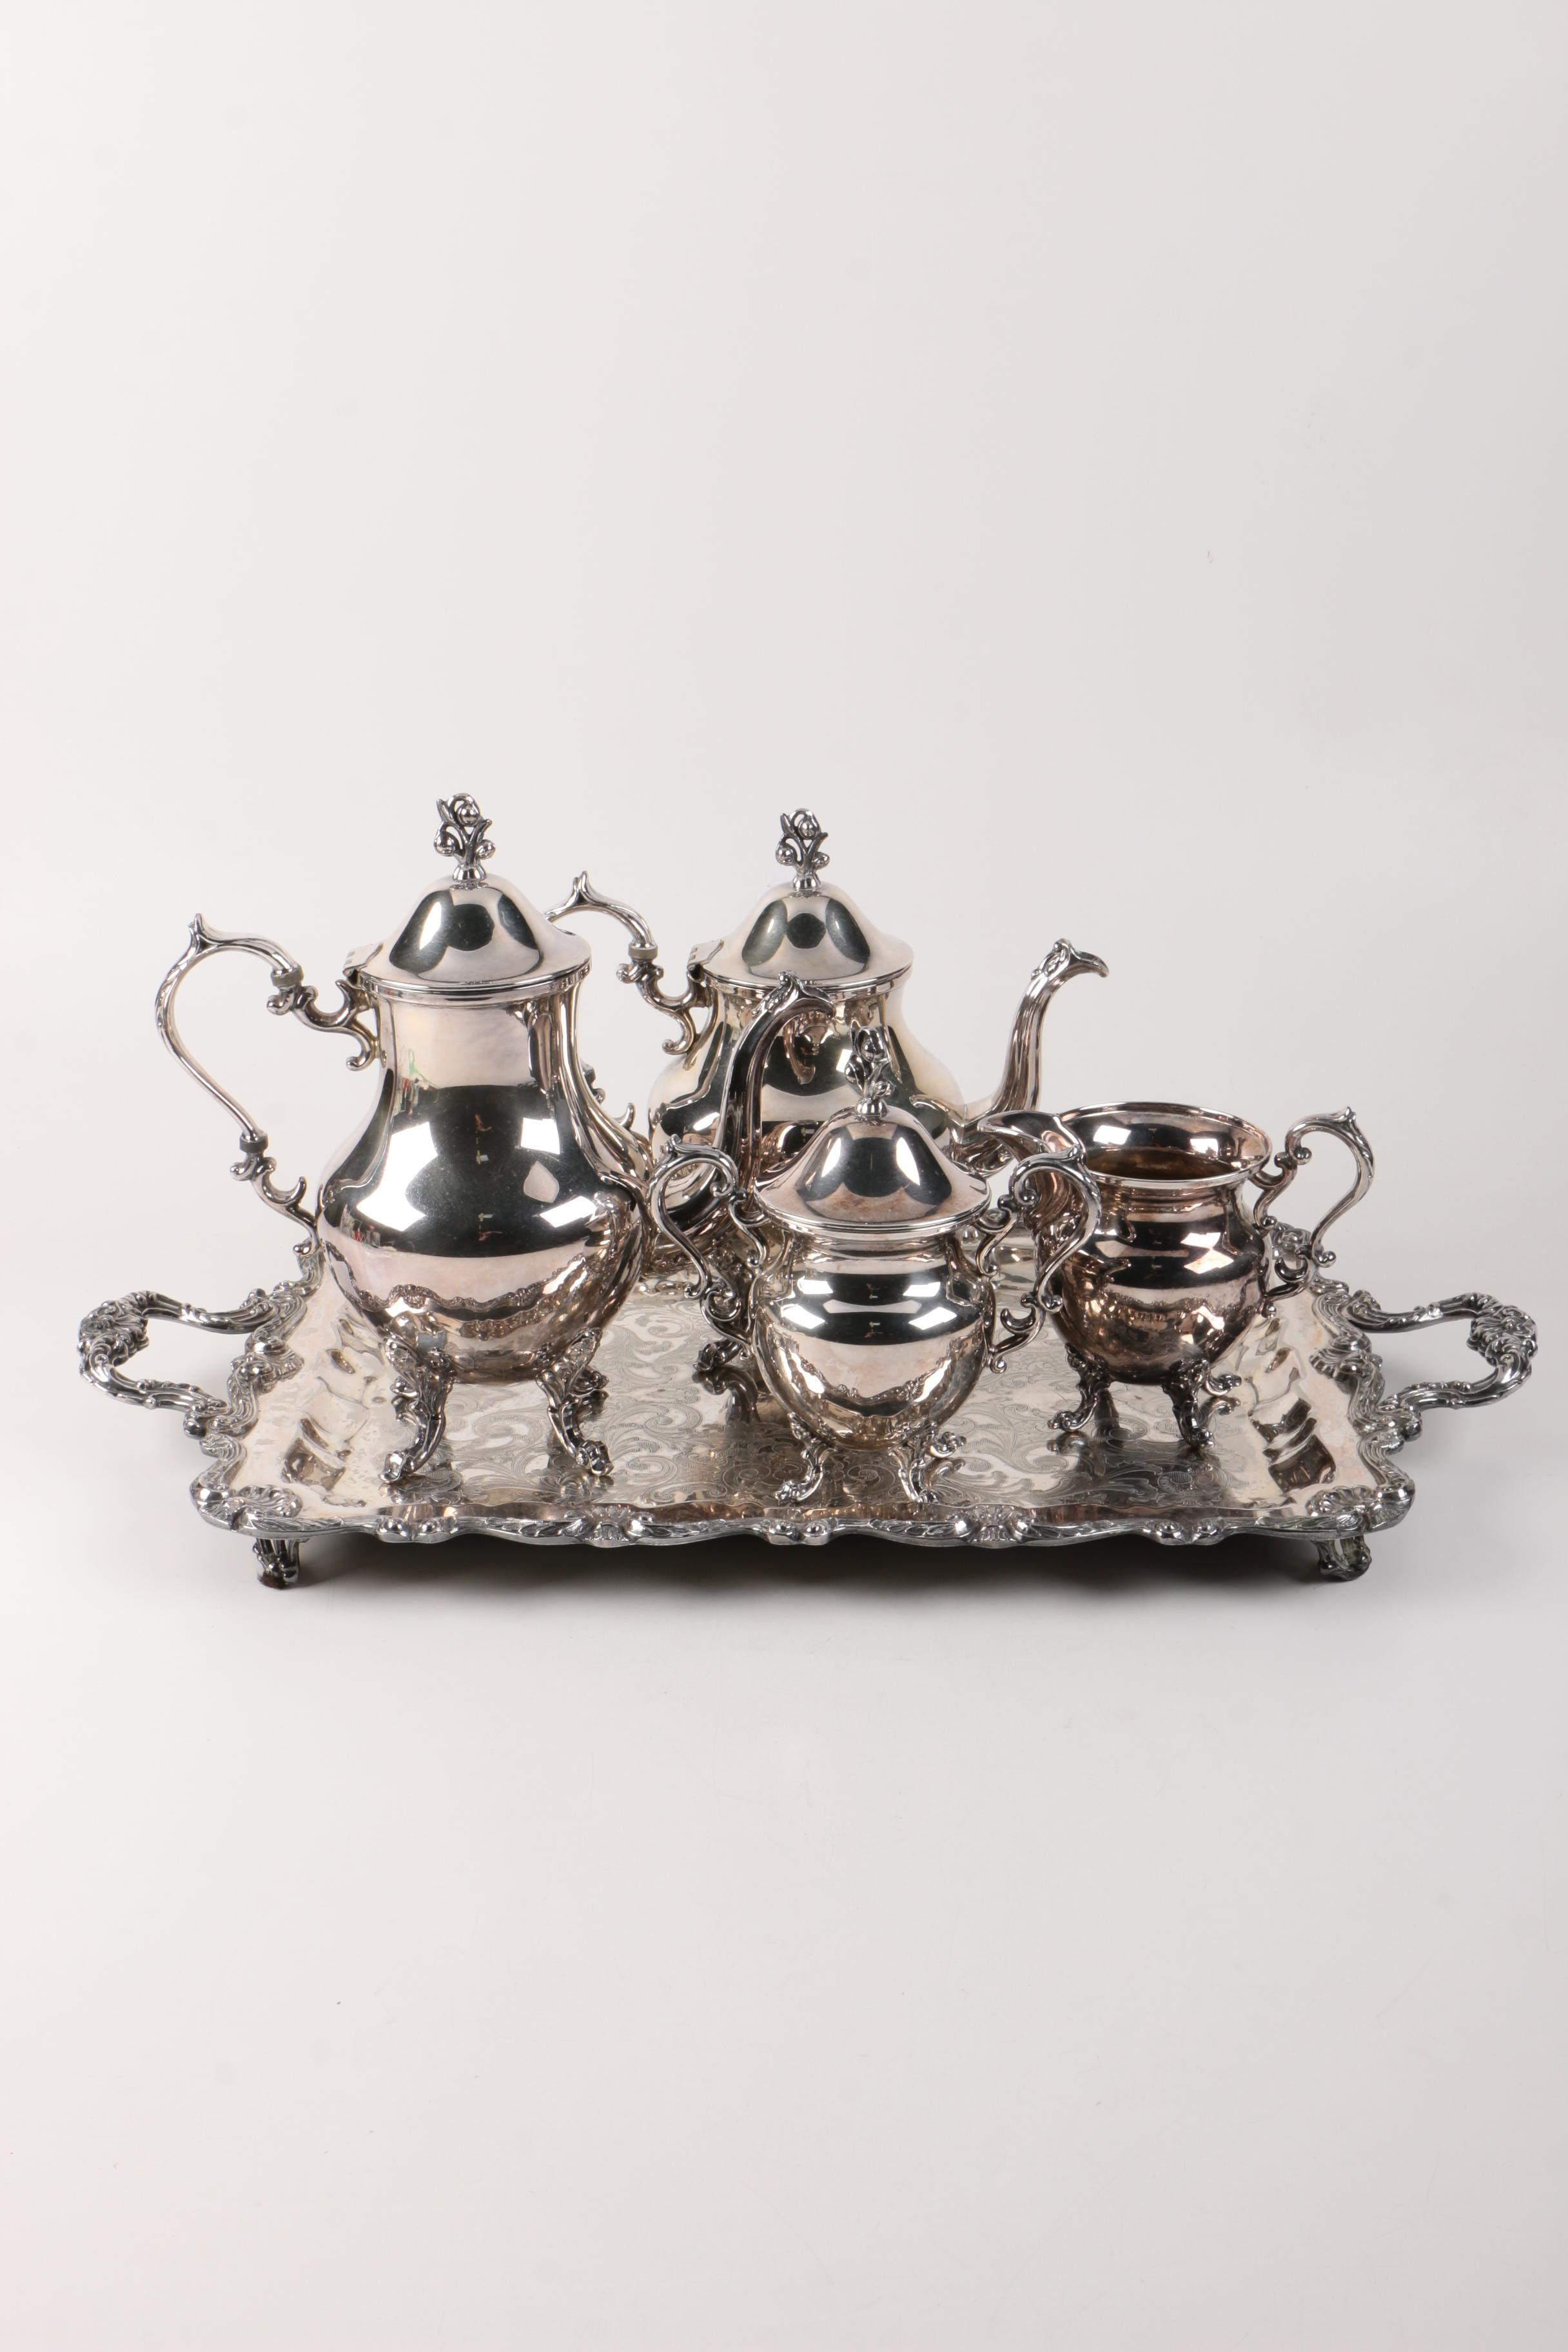 English Silver Mfg. Corp Silver on Copper Tea Service